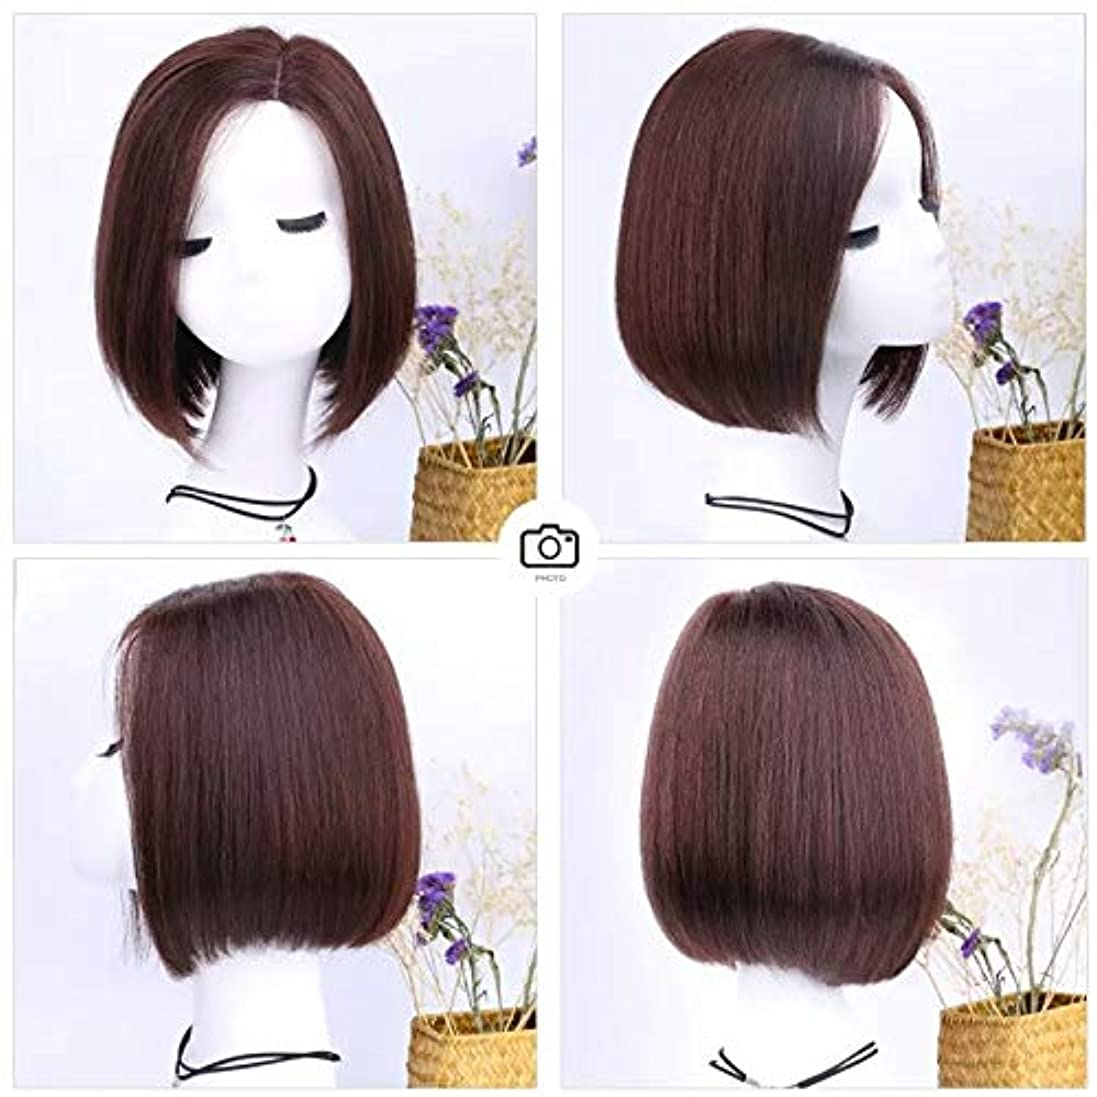 楕円形急いで湿地YOUQIU ロングストレートヘアーの女性のかつらのために実際に髪の内側にバックルふんわりナチュラルウィッグでボブショートヘア (色 : Dark brown, Design : Full hand weaving)